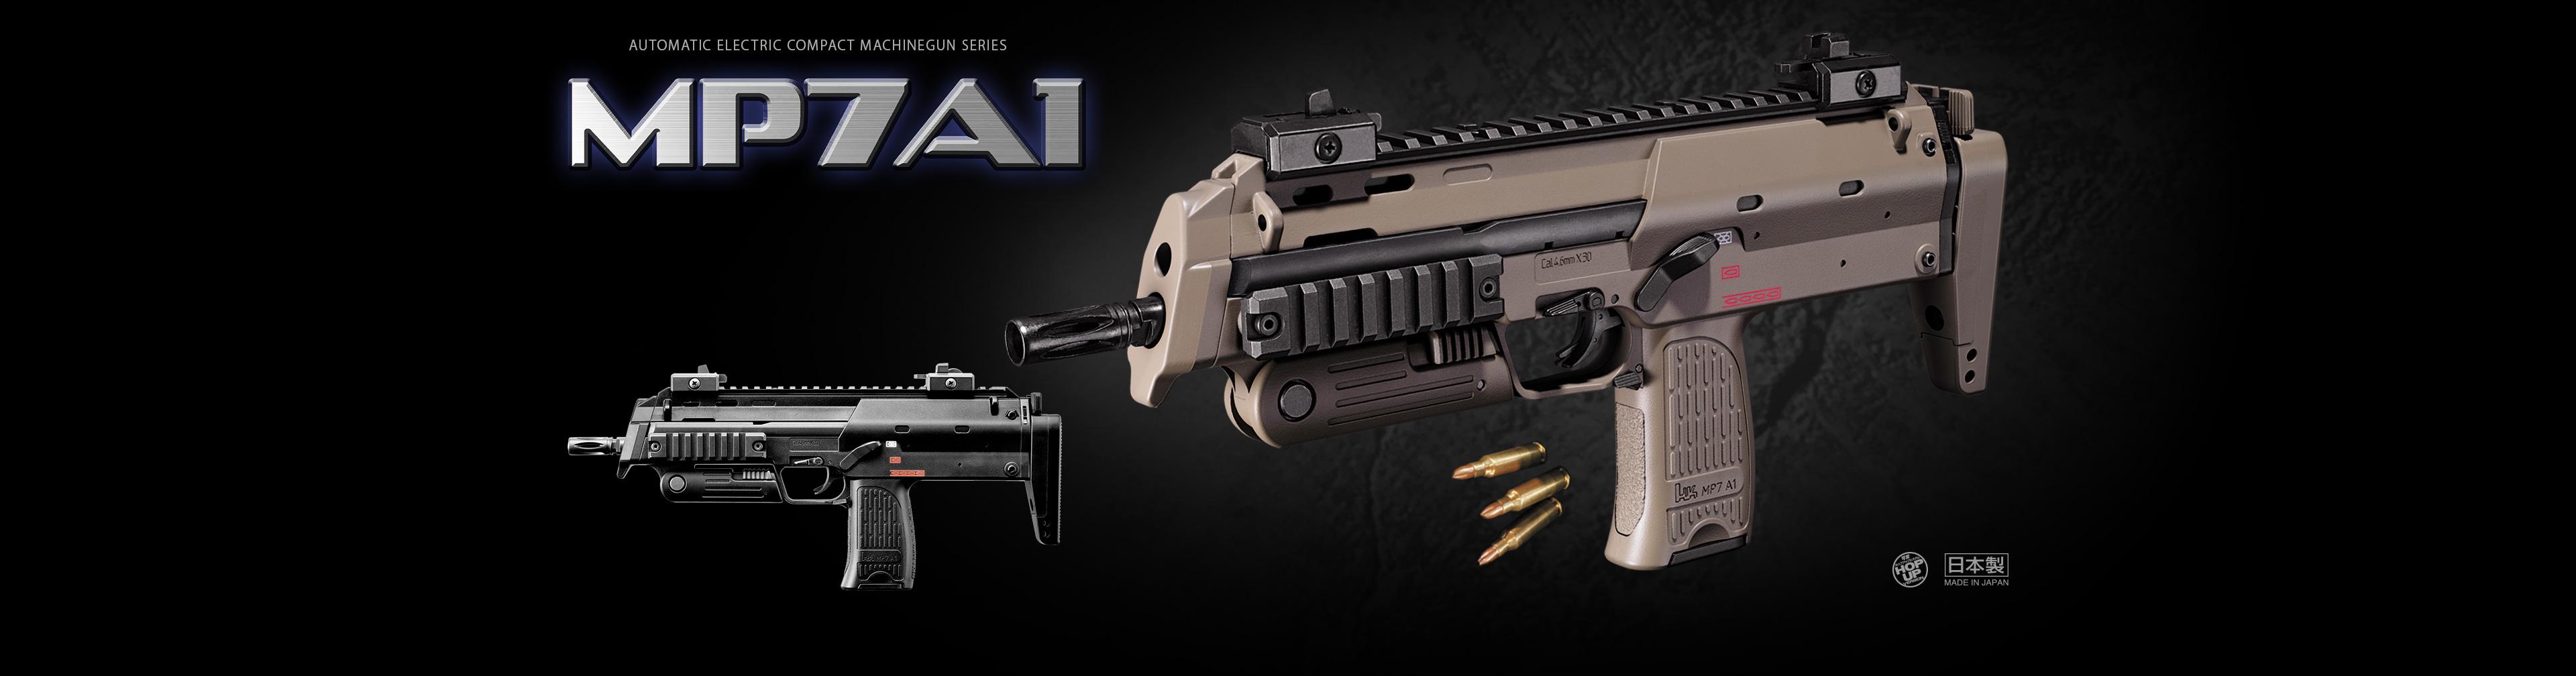 MP7A1 ブラック